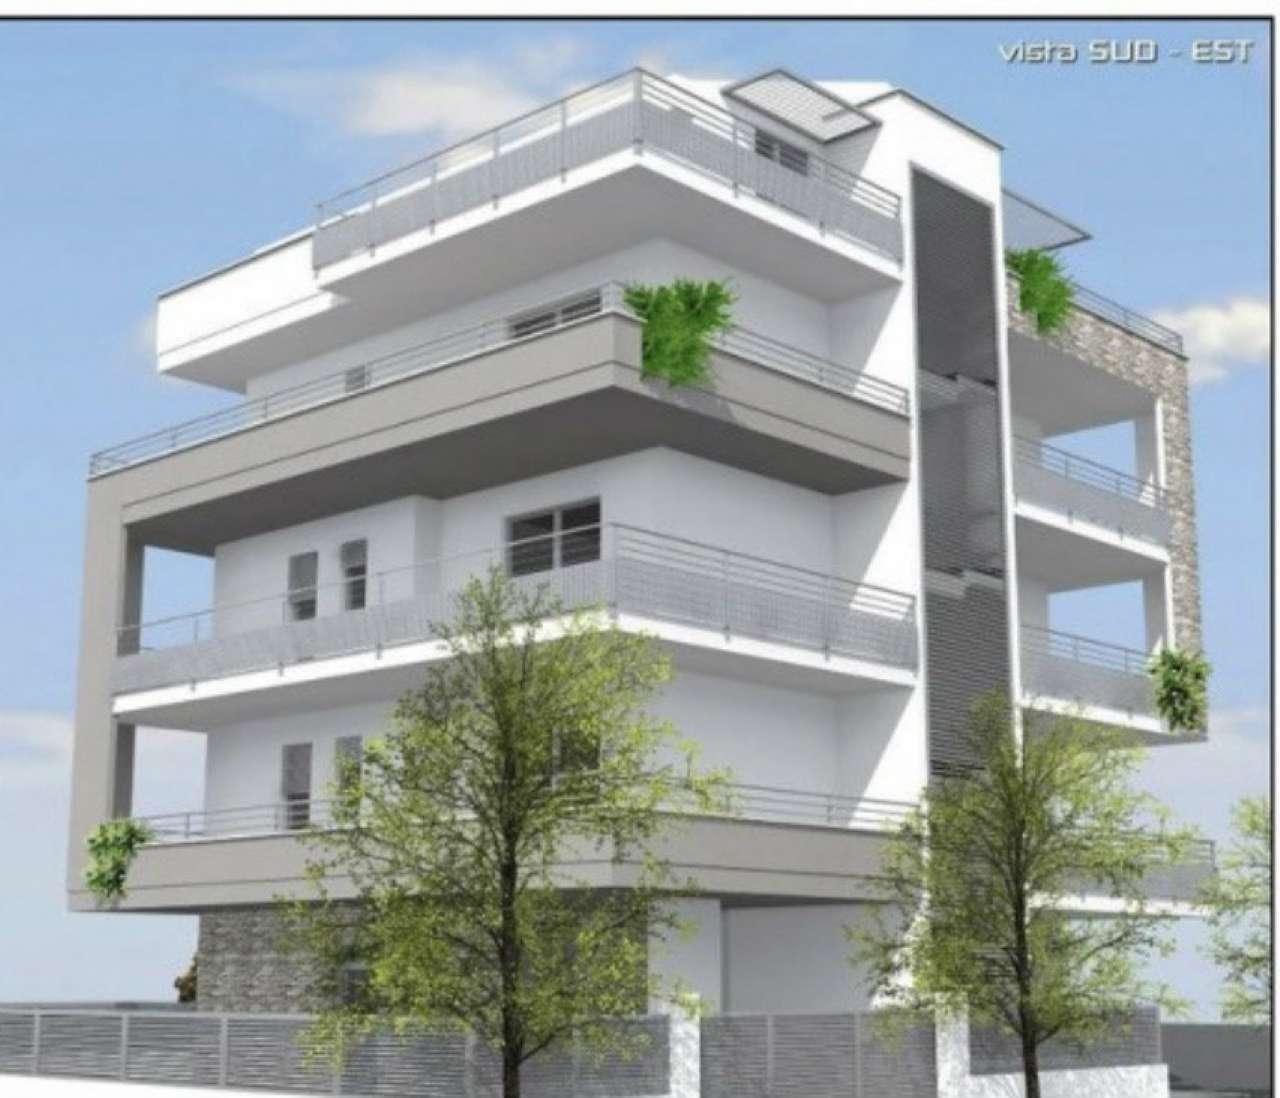 Appartamento in vendita a Tortoreto, 3 locali, prezzo € 152.000 | CambioCasa.it